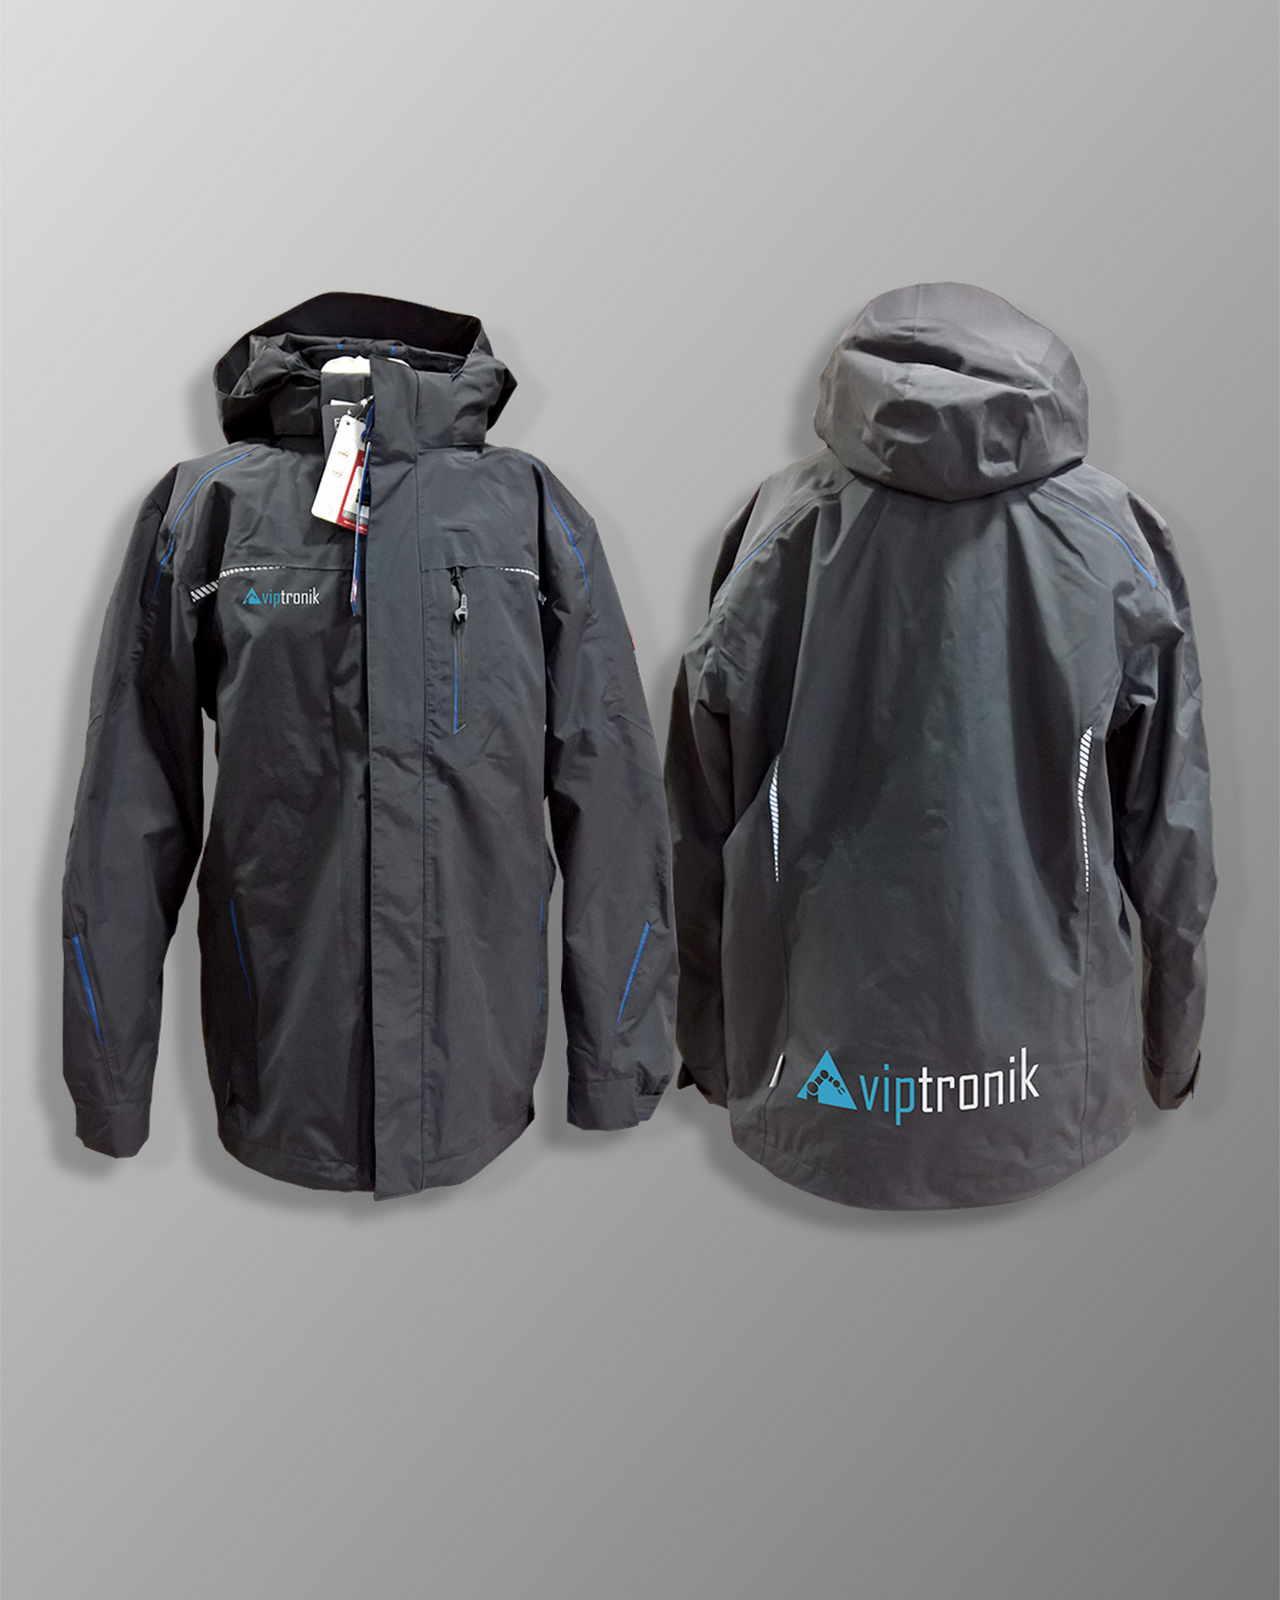 Delovna jakna Viptronik